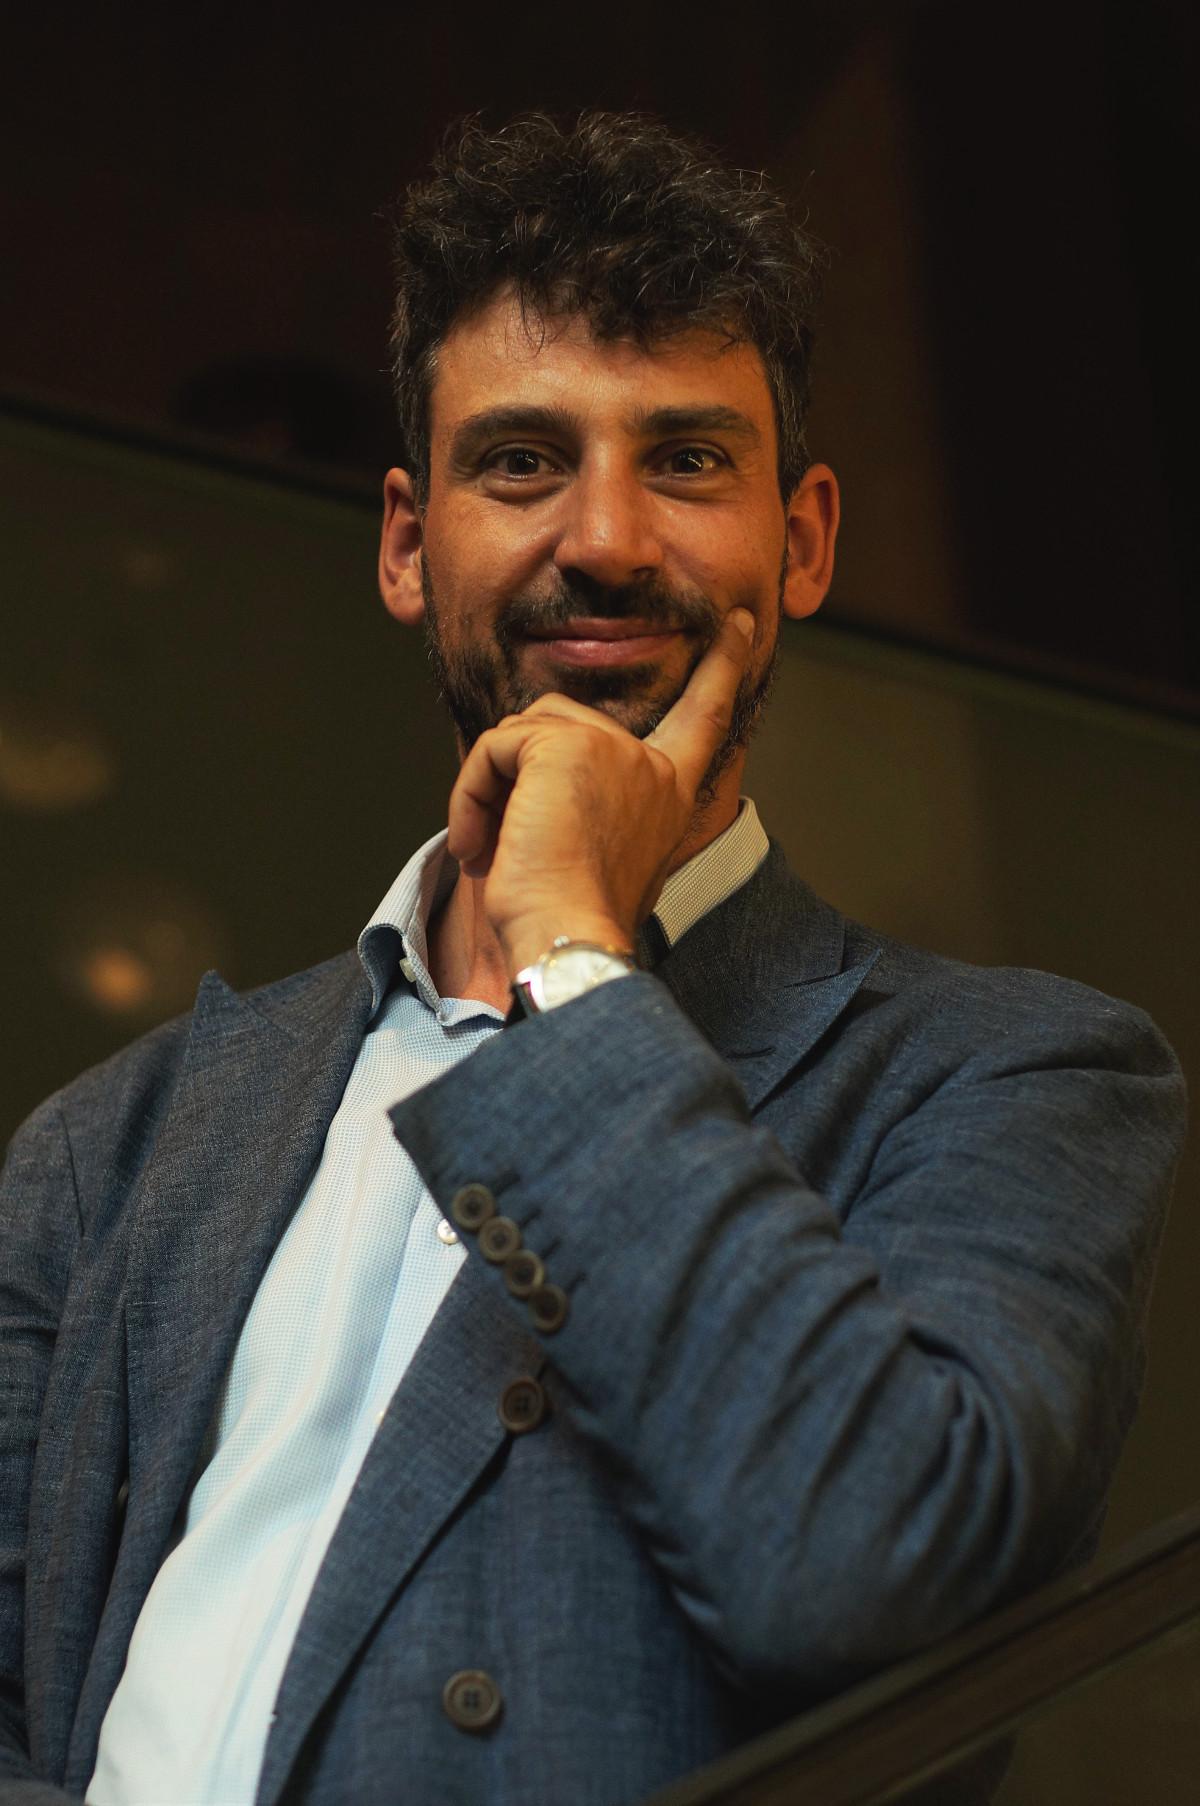 Angelo Coletta